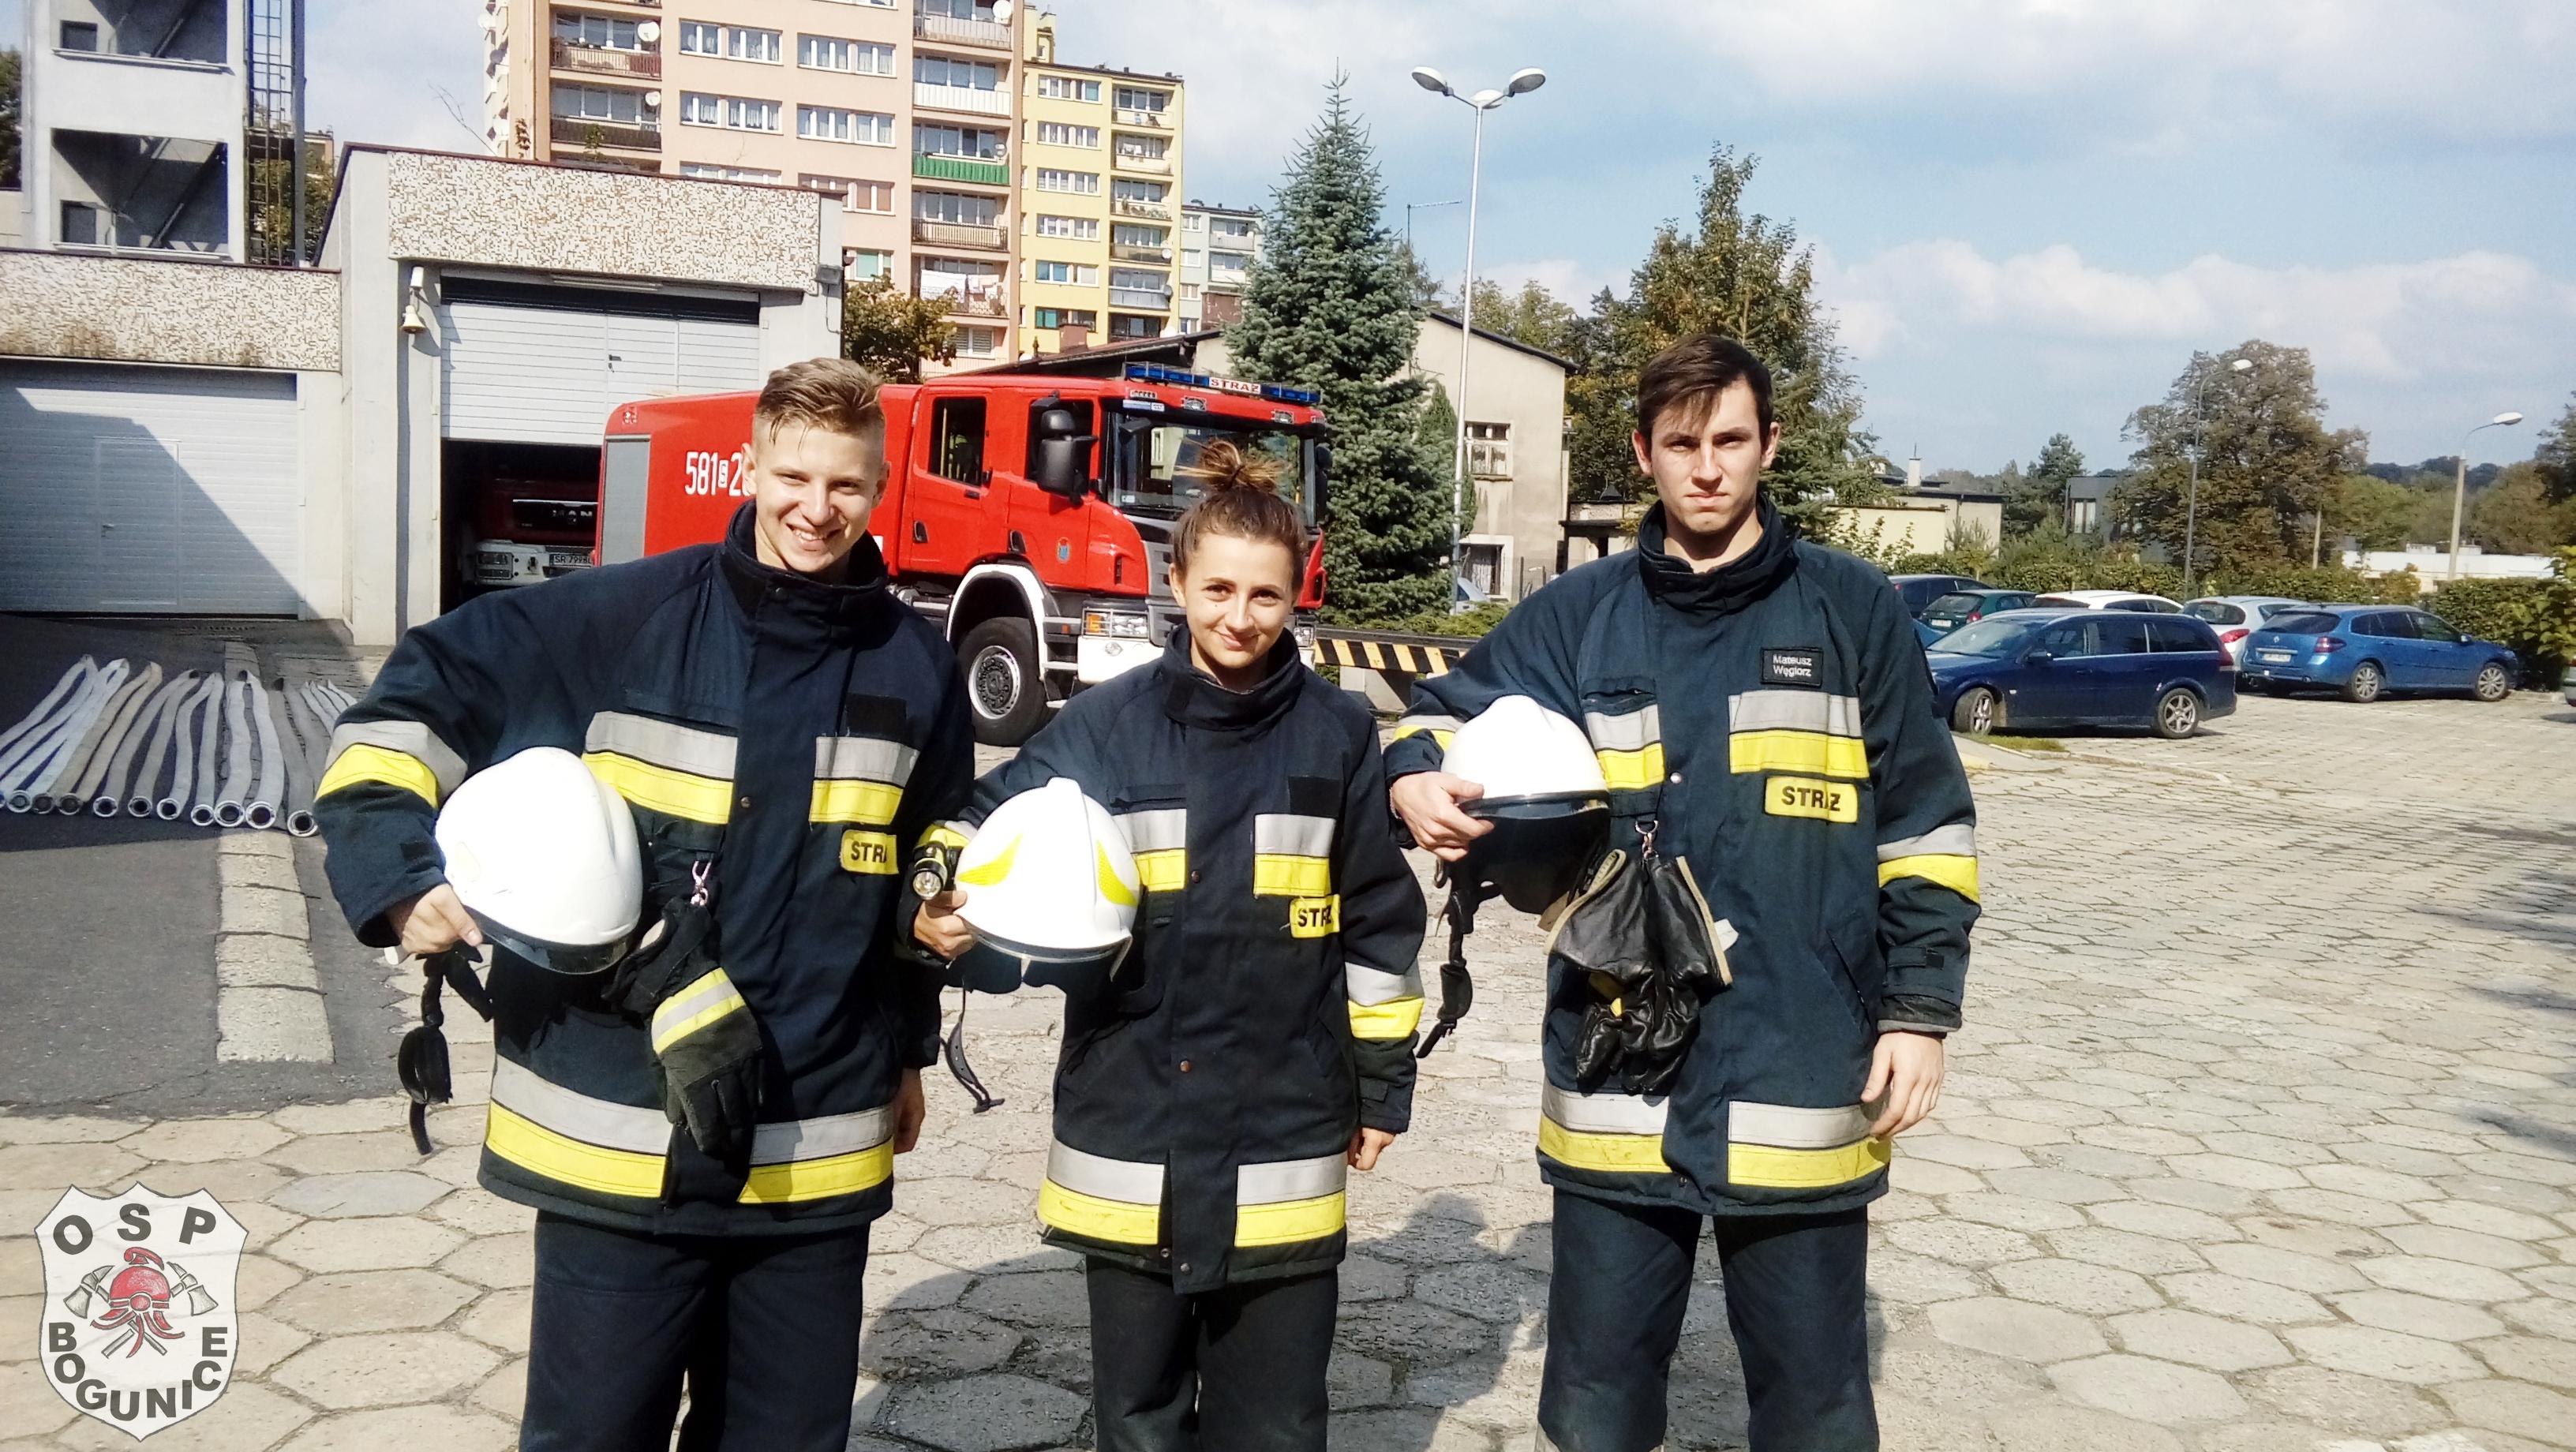 testy dla strażaków osp kurs podstawowy